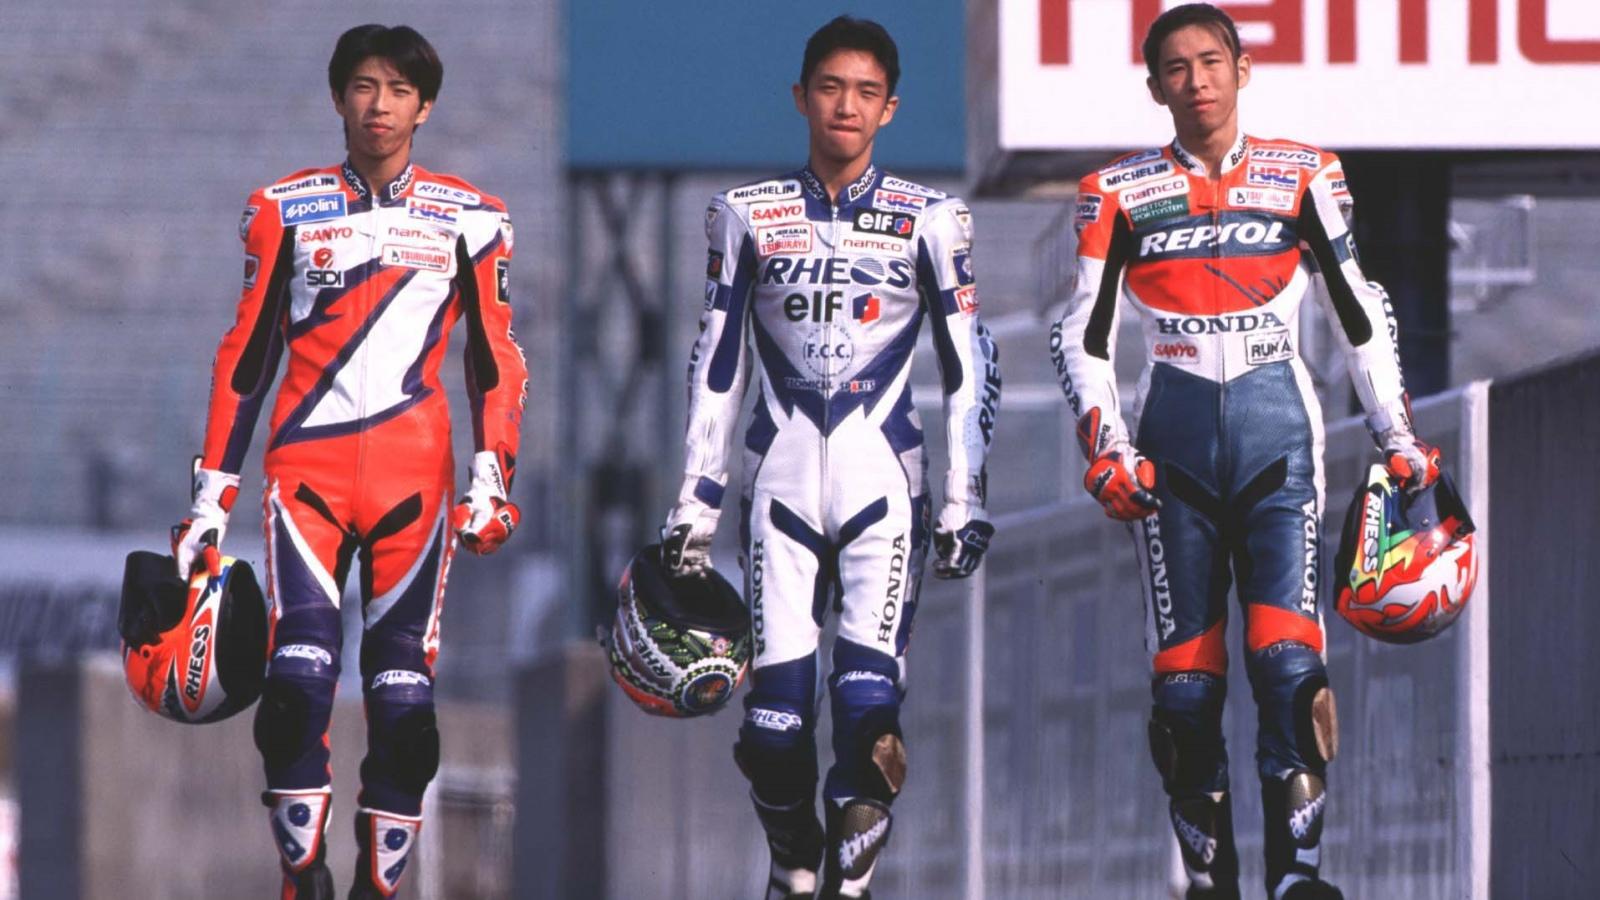 En Suzuka 1995 se produjo un hito histórico cuando los tres hermanos Aoki subieron al podio. ¿Cómo se llamaban?